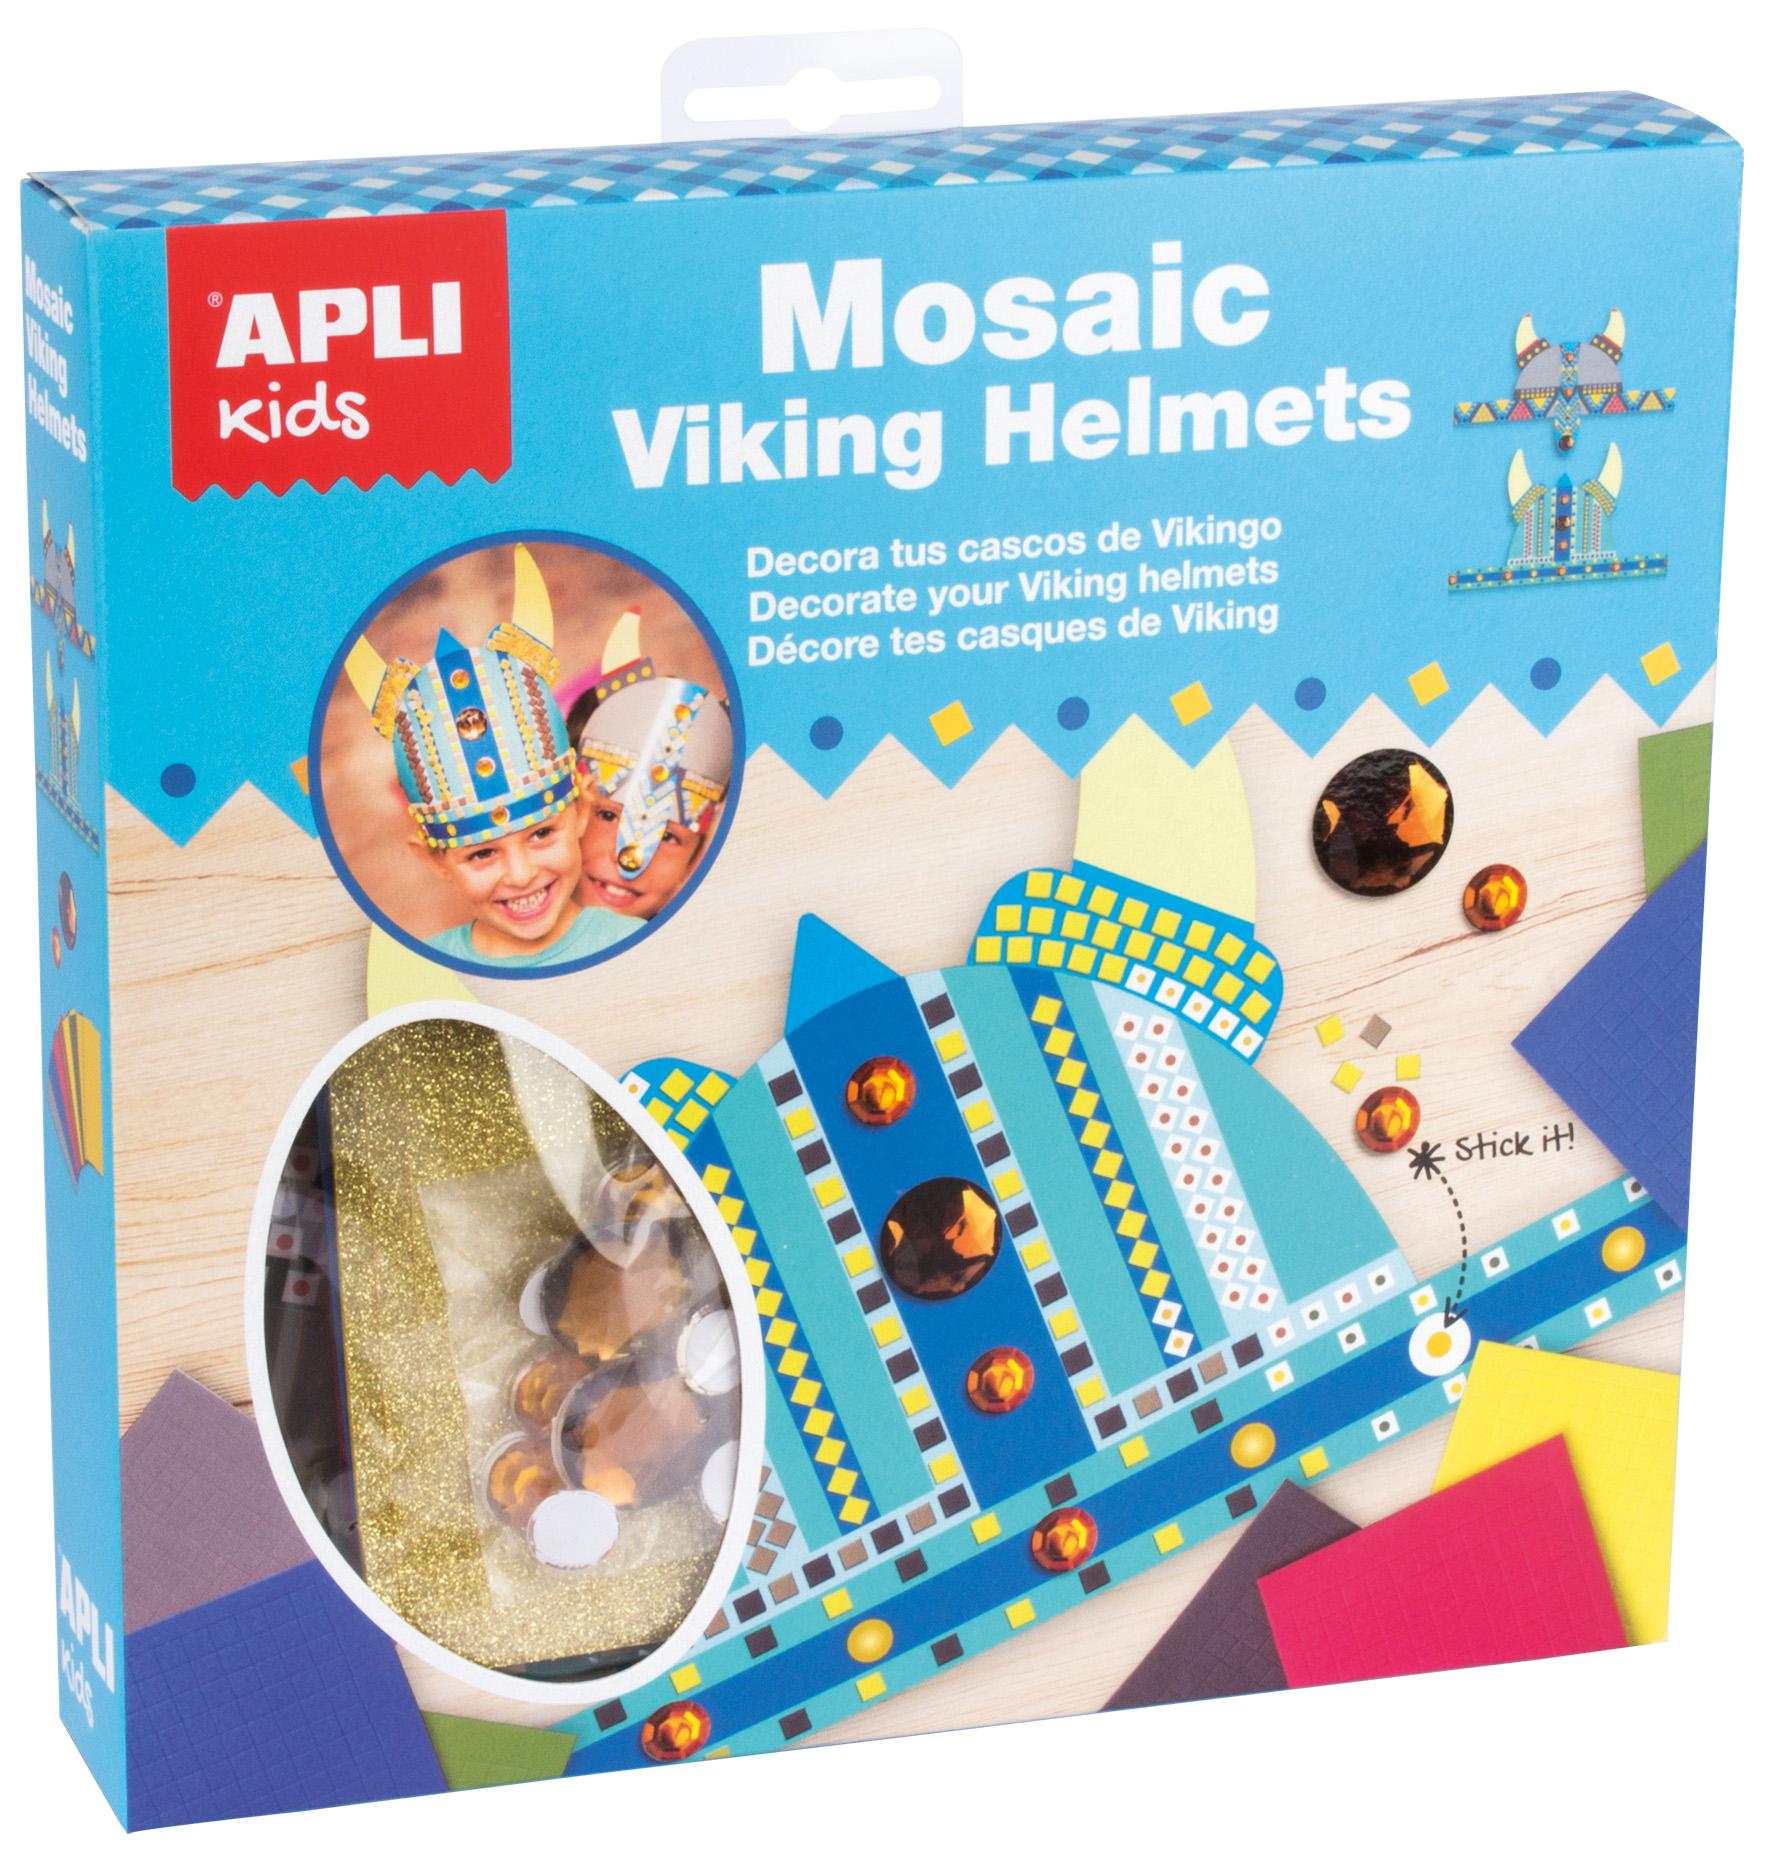 Set de creație tip mozaic cu spumă - 2 căști de protecție pentru vikingi imagine edituradiana.ro